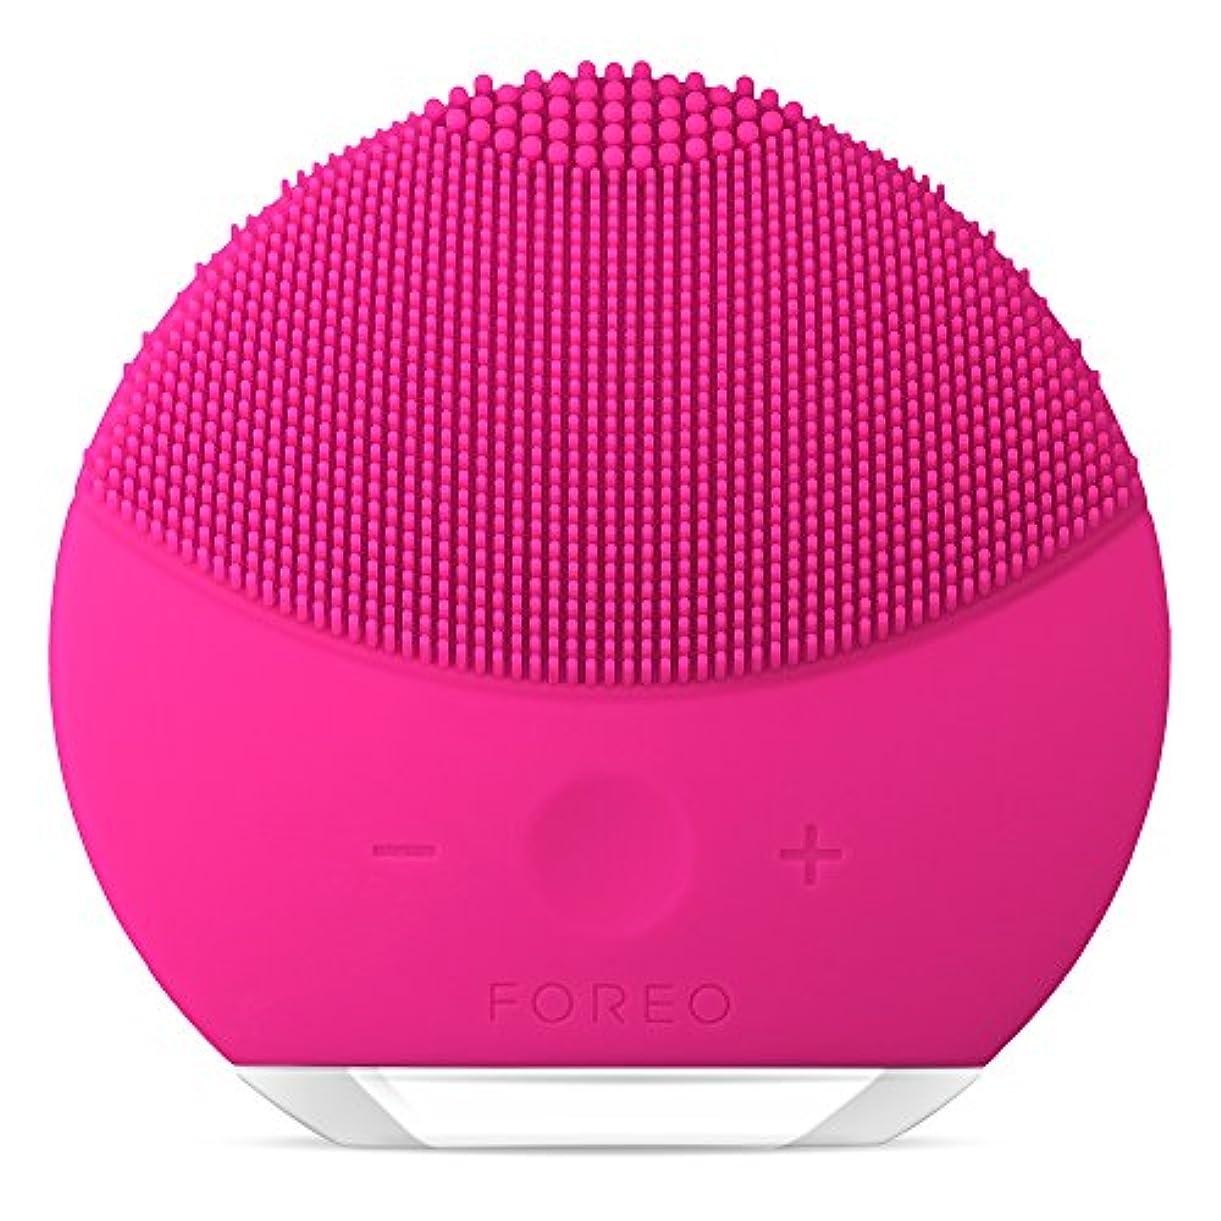 負シャークさらにFOREO LUNA mini 2 フクシア 電動洗顔ブラシ シリコーン製 音波振動